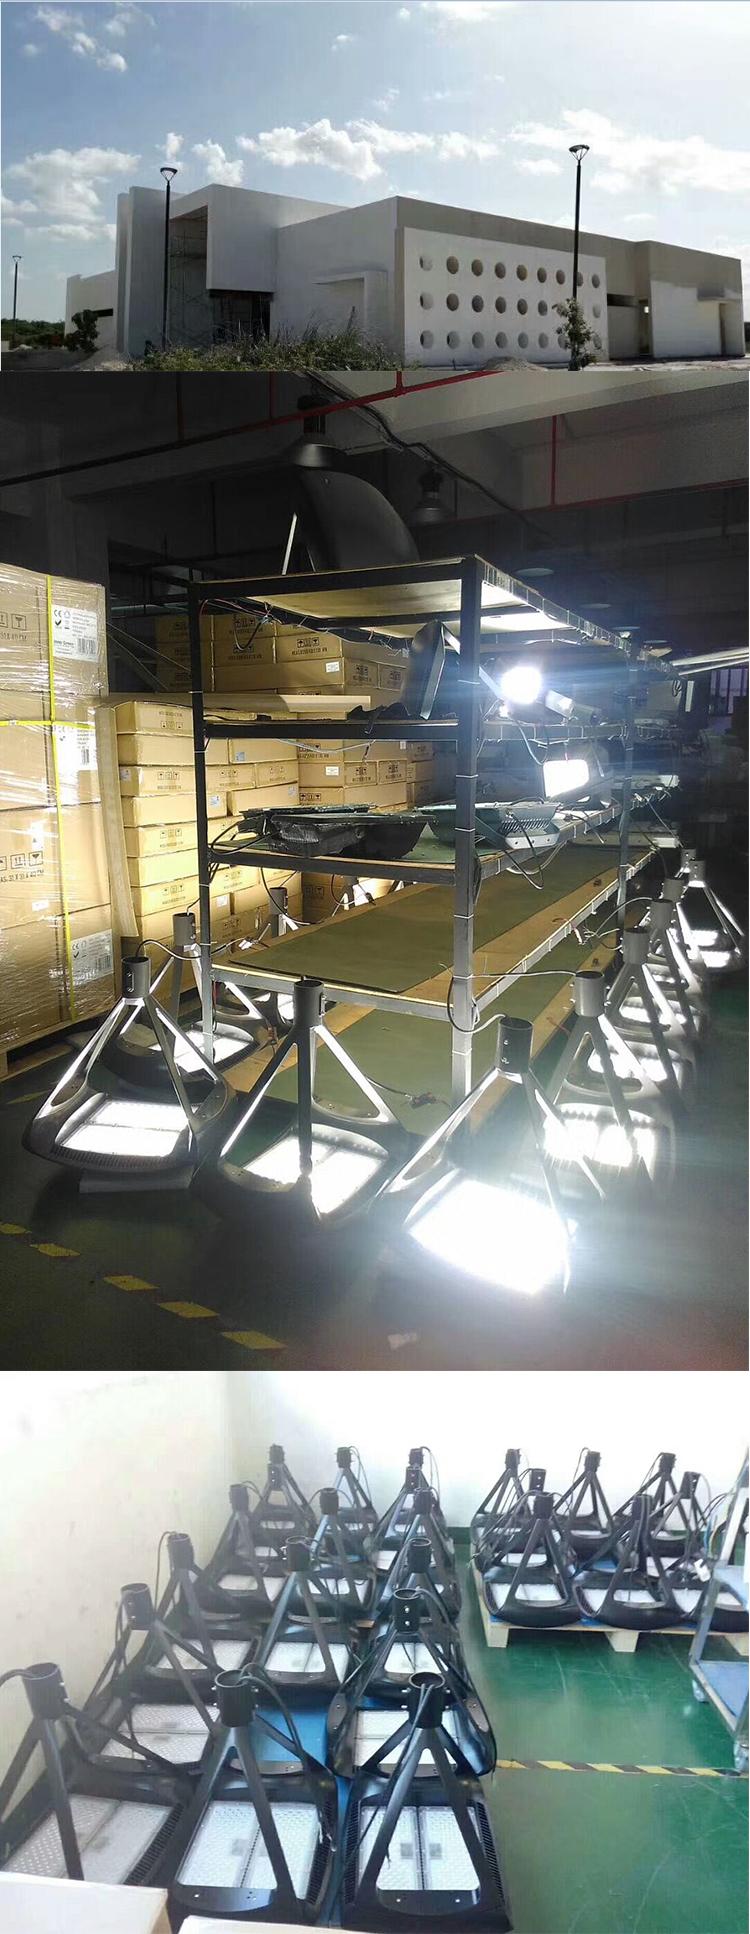 La iluminación de la calle de 1000 vatios de 480 voltios 150 vatios 300 W puesto de estacionamiento de luz LED